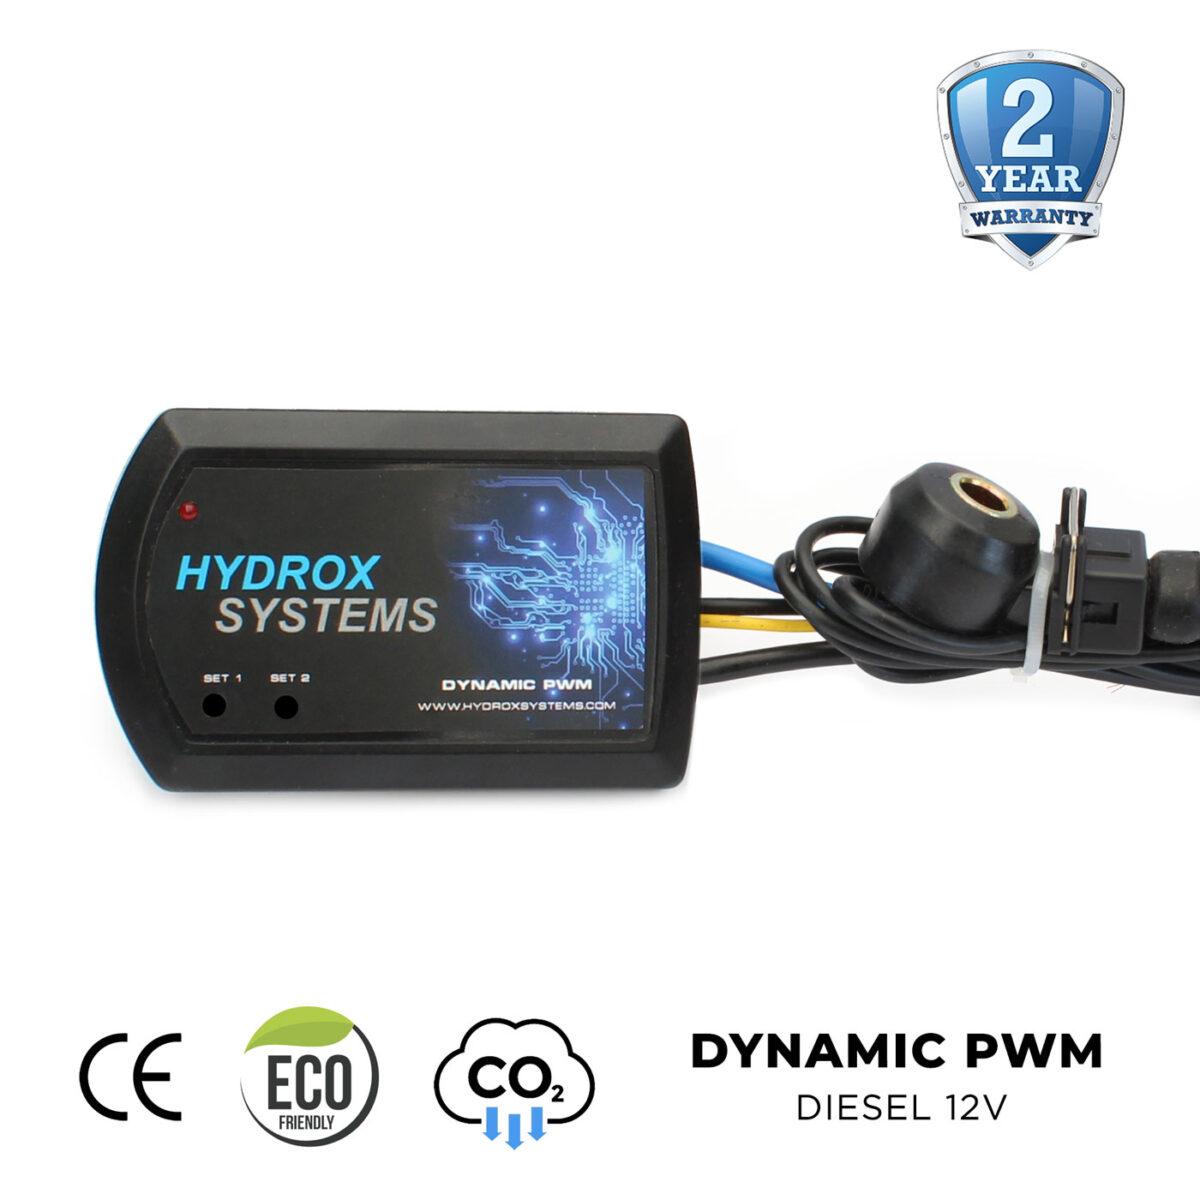 dynamic pwm for diesel